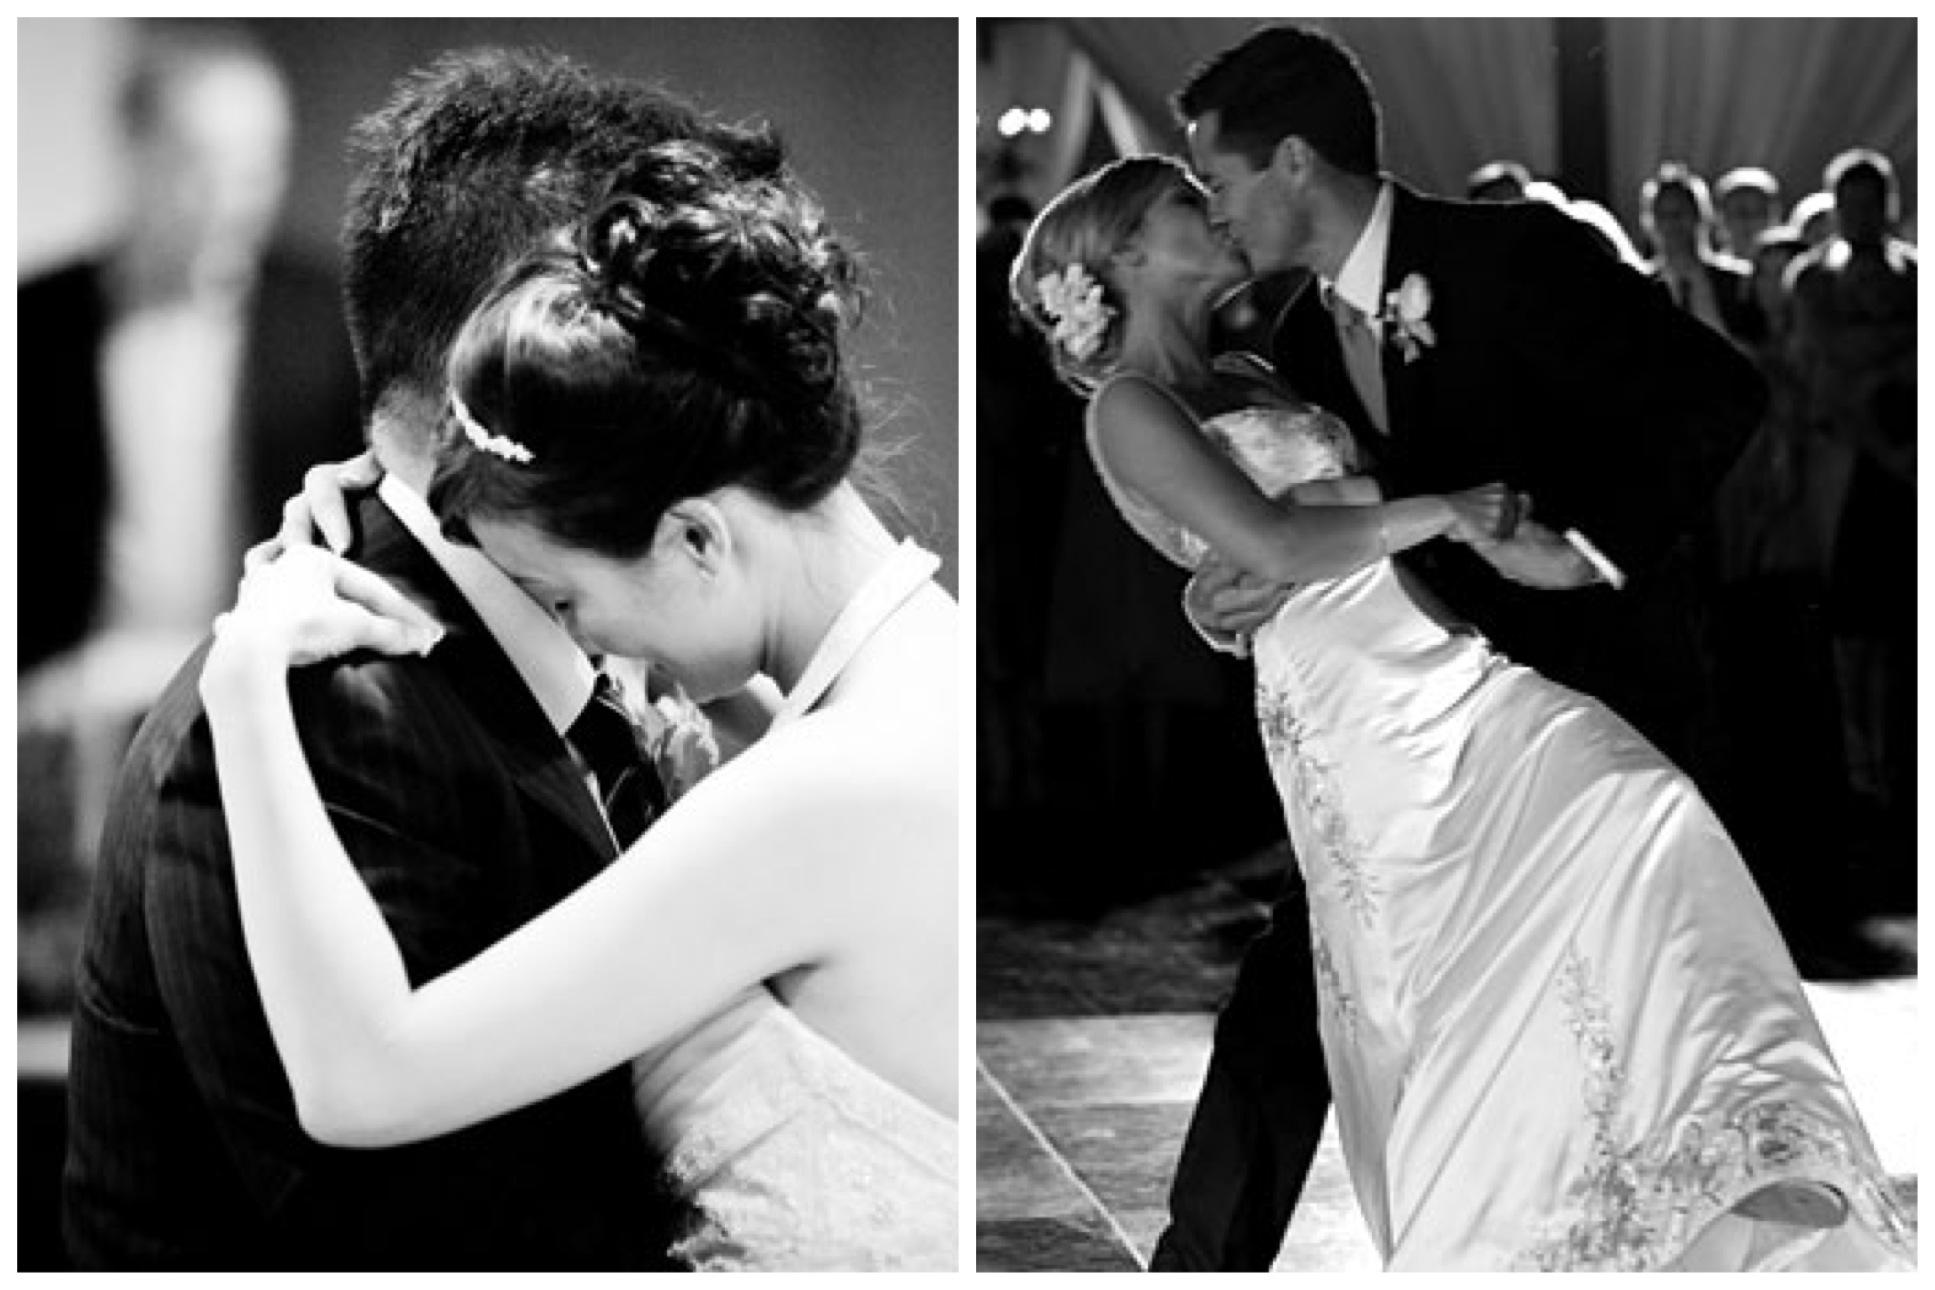 Песня для первого танца невесты и жениха